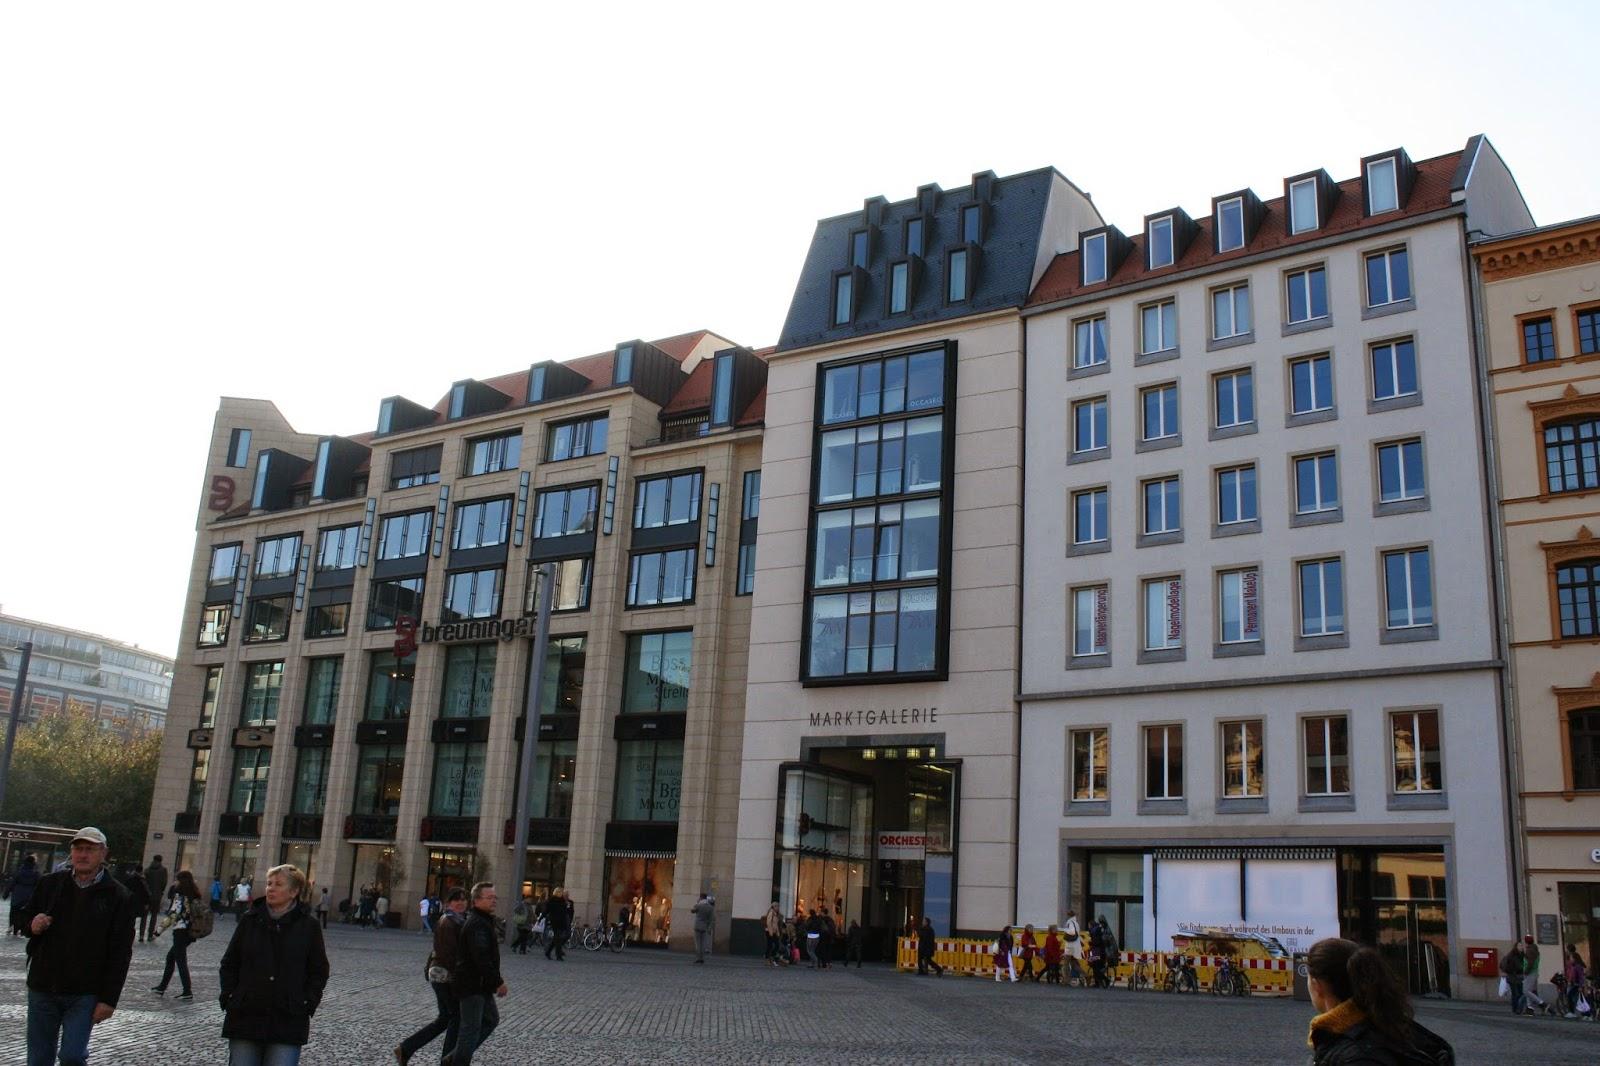 Marktgalerie wurde von 2002 bis 2005 erbaut